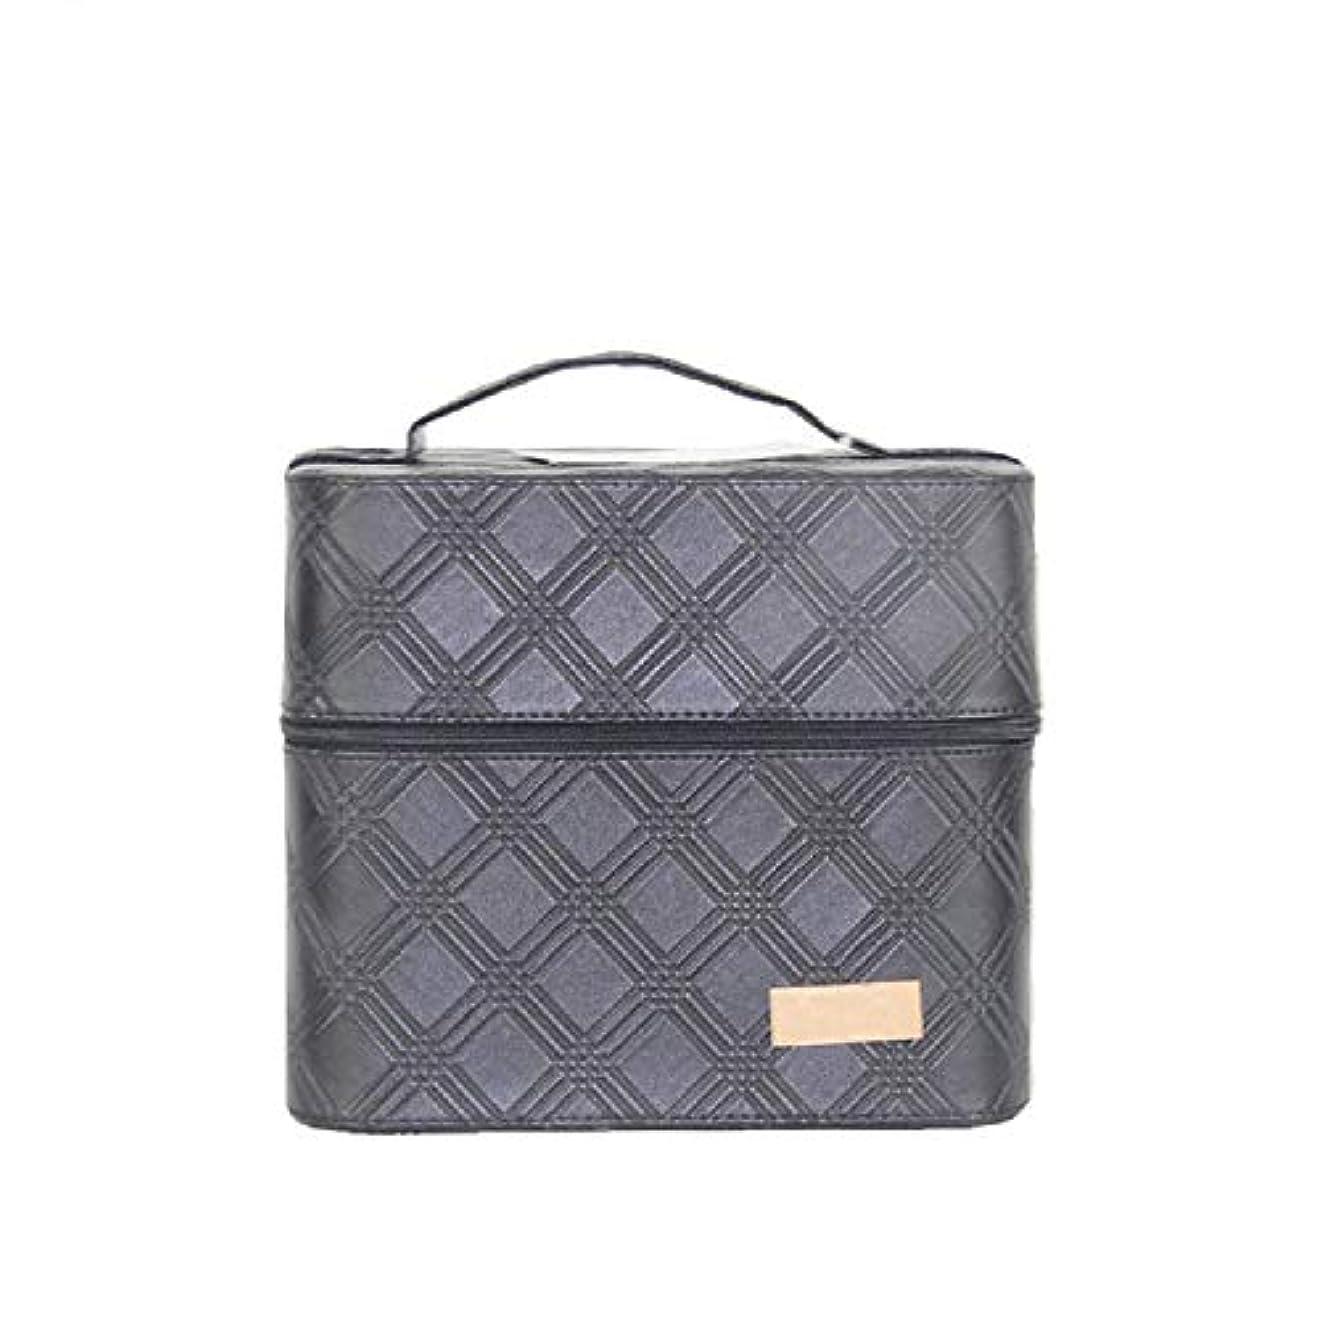 宣伝高尚な美徳化粧オーガナイザーバッグ ジッパーと2つのトレイで小さなものの種類の旅行のための美容メイクアップのための黒のポータブル化粧品バッグ 化粧品ケース